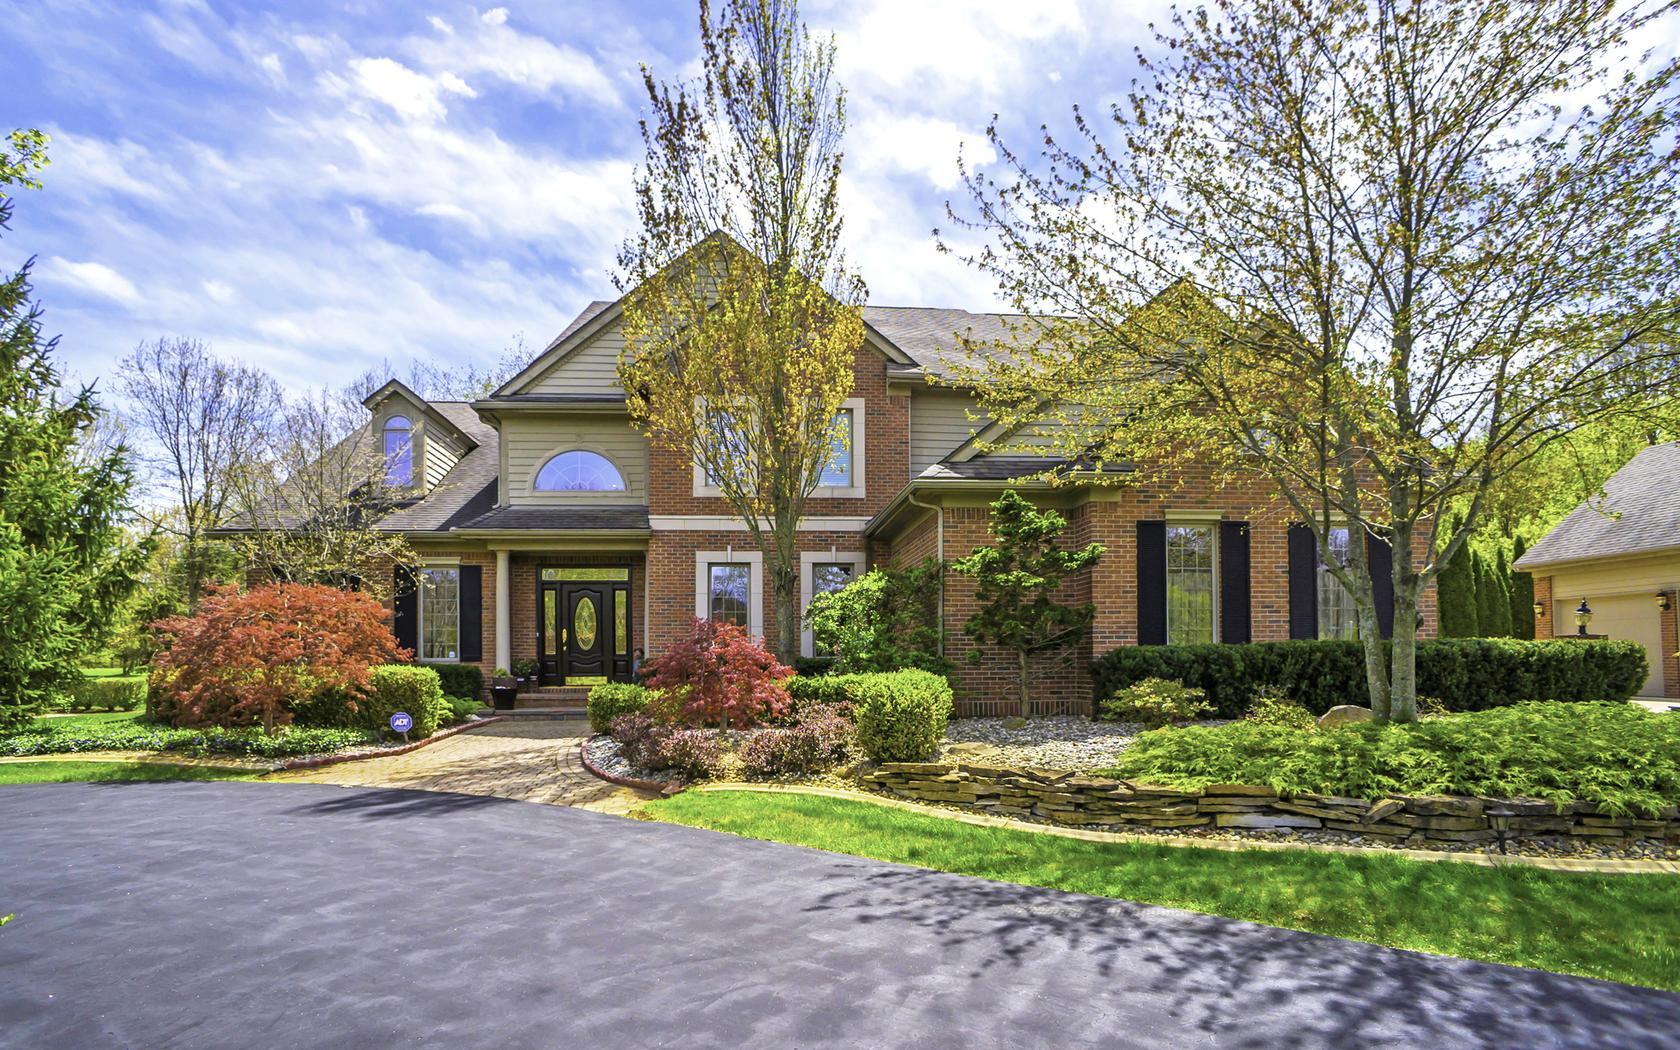 独户住宅 为 销售 在 Milford Township 2775 Tall Timbers Drive Milford, 密歇根州, 48380 美国